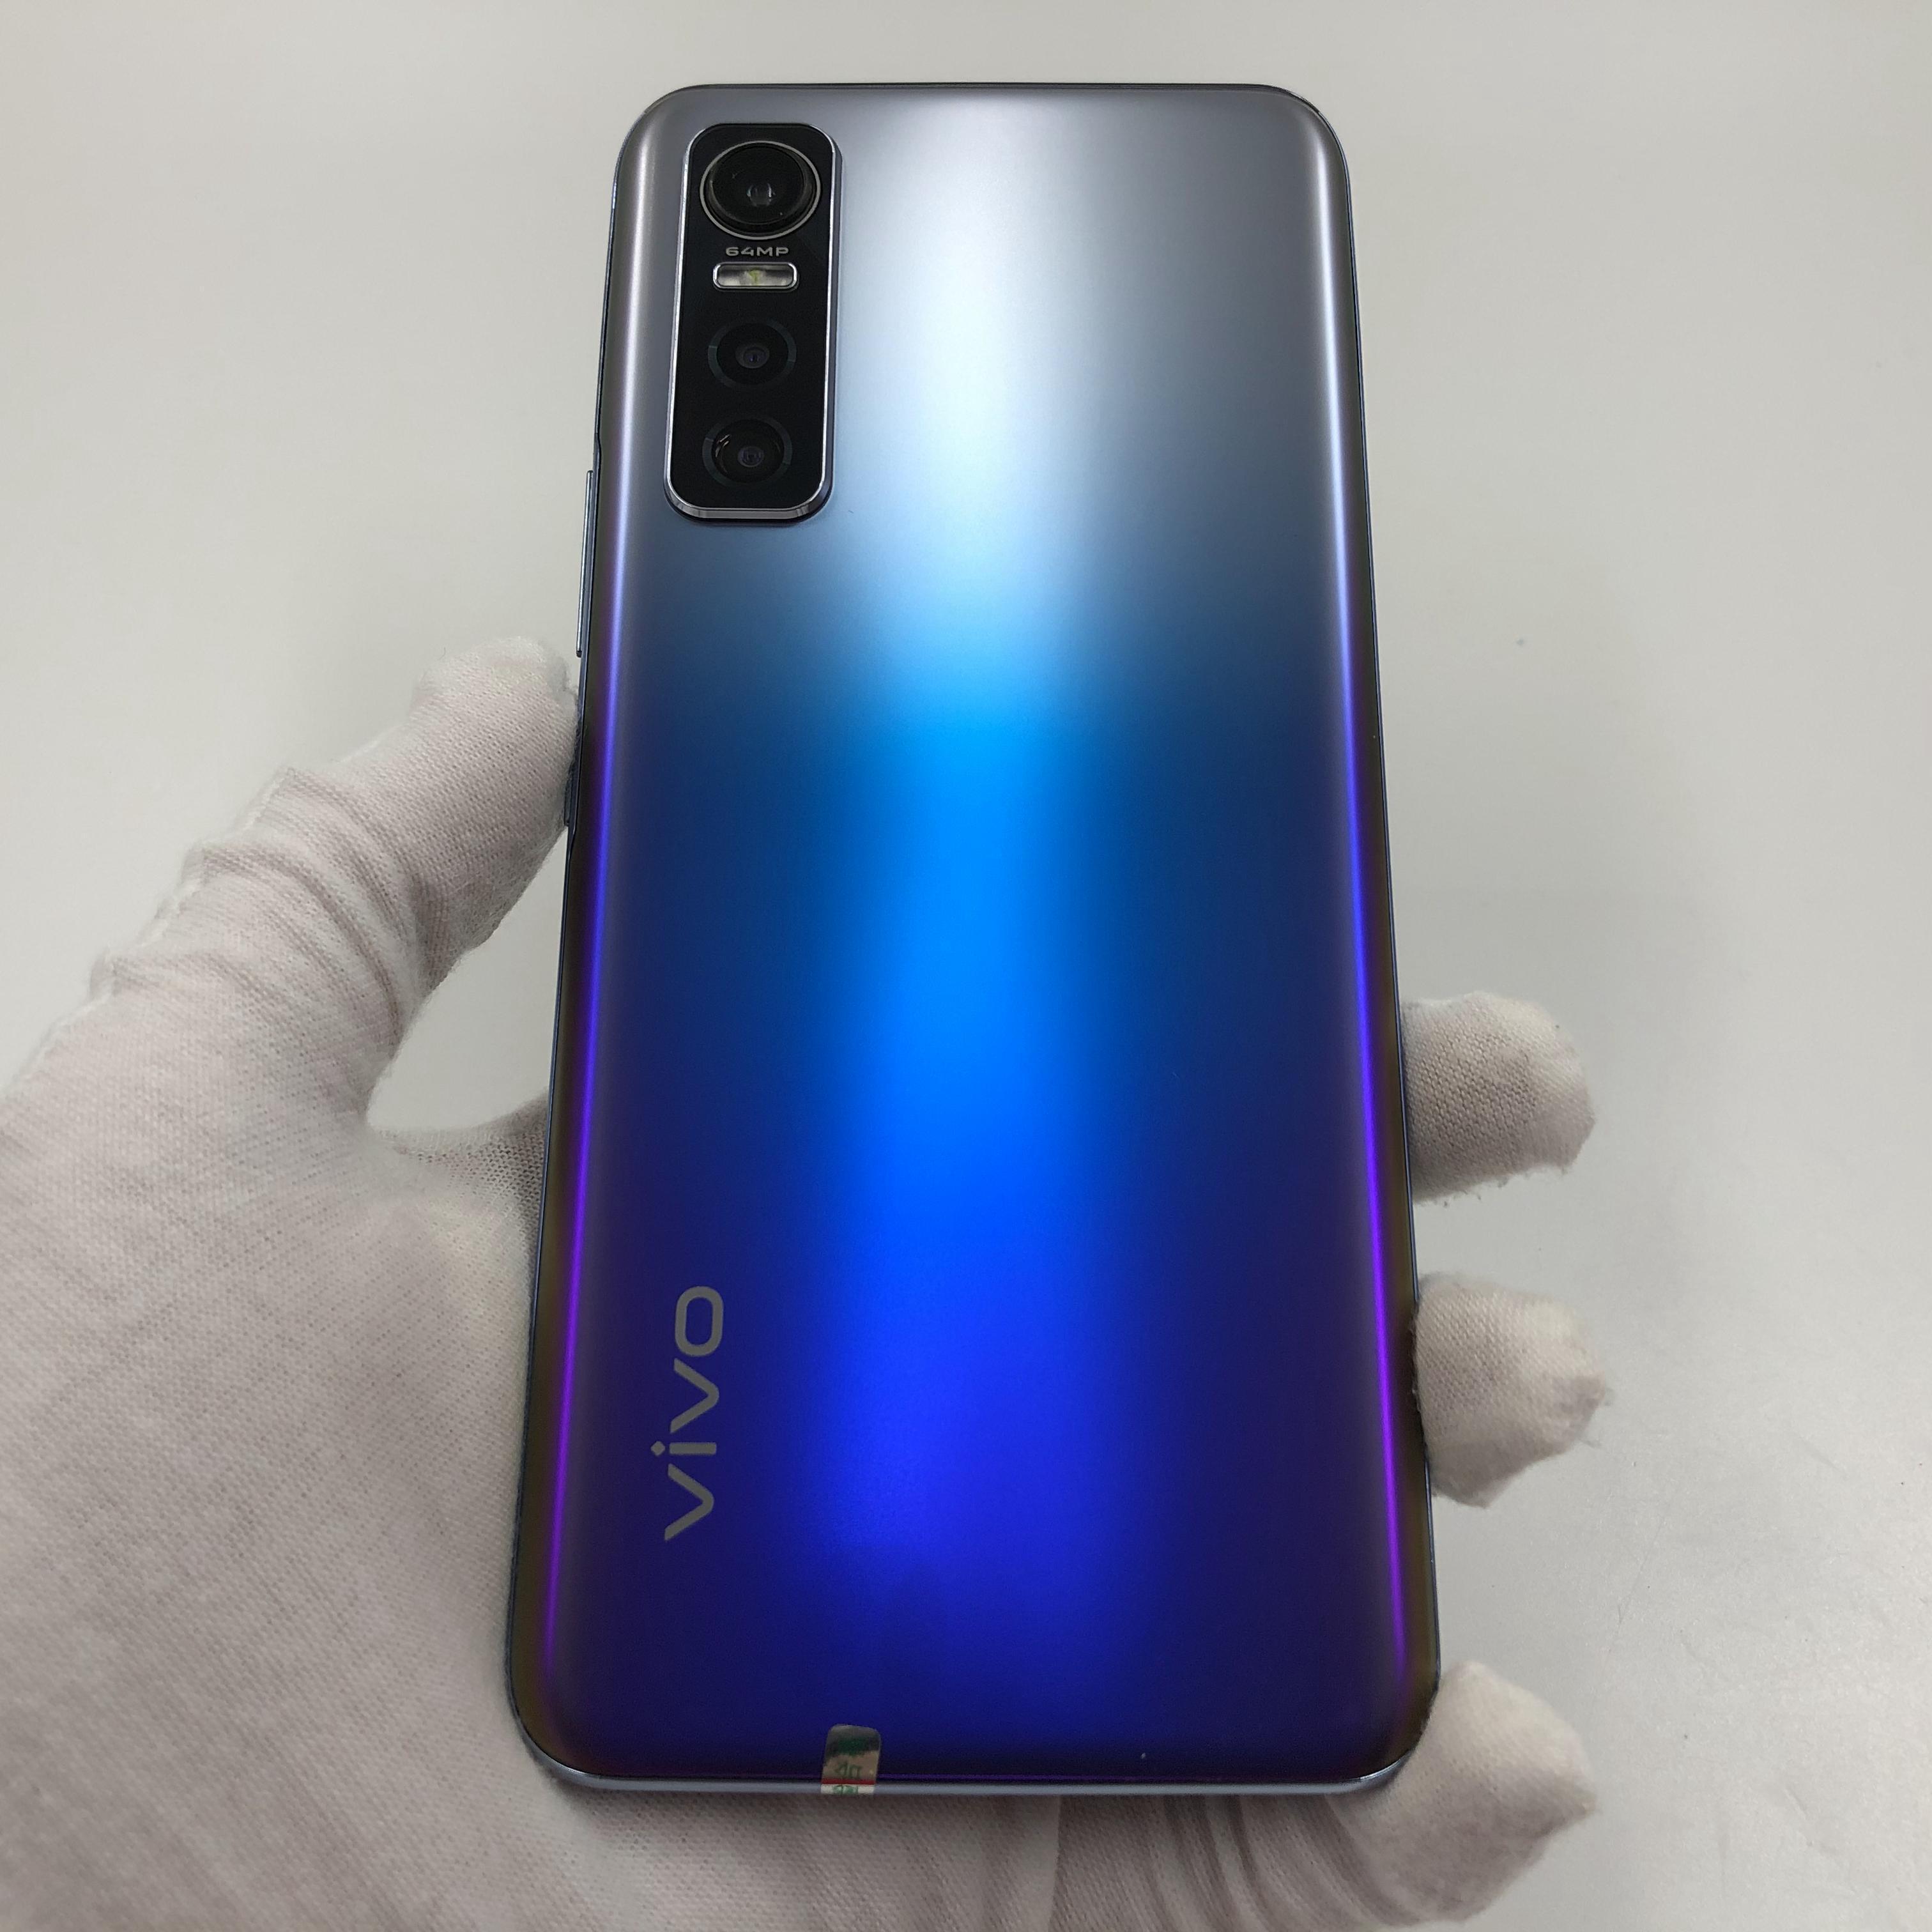 vivo【S7e 5G】5G全网通 幻砂星海 8G/128G 国行 8成新 真机实拍